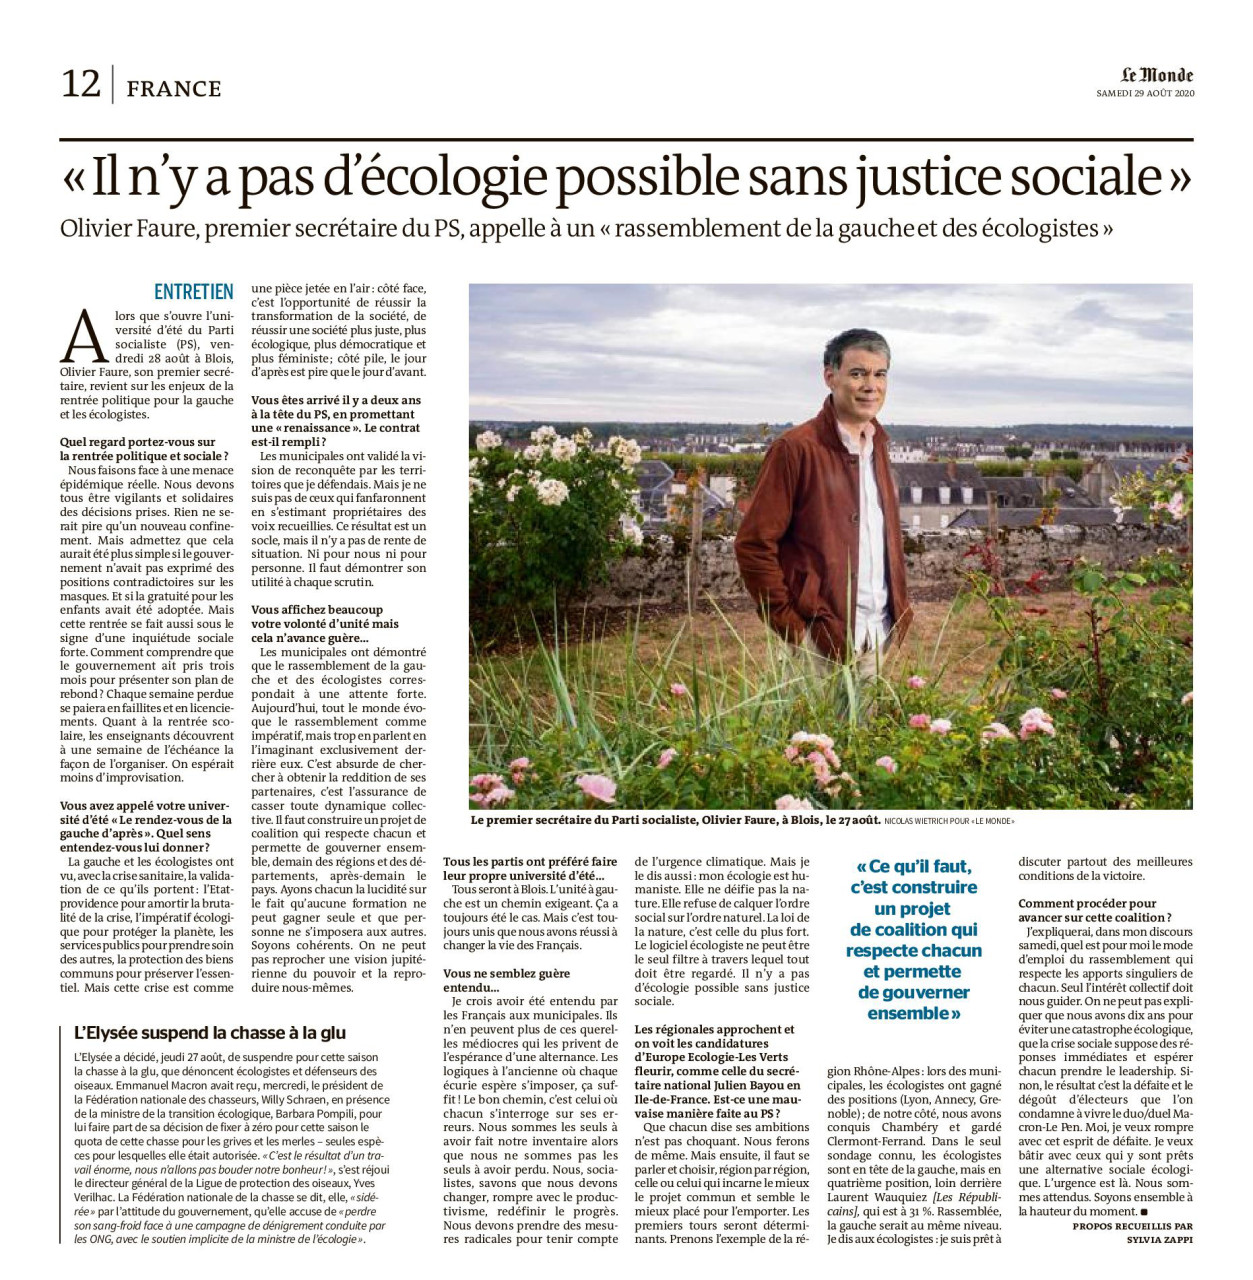 """Parution dans Le Monde du 29 août 2020 : Portrait d'Olivier Faure. Texte Sylvia Zappi. Photo Nicolas Wietrich pour """"Le Monde""""."""